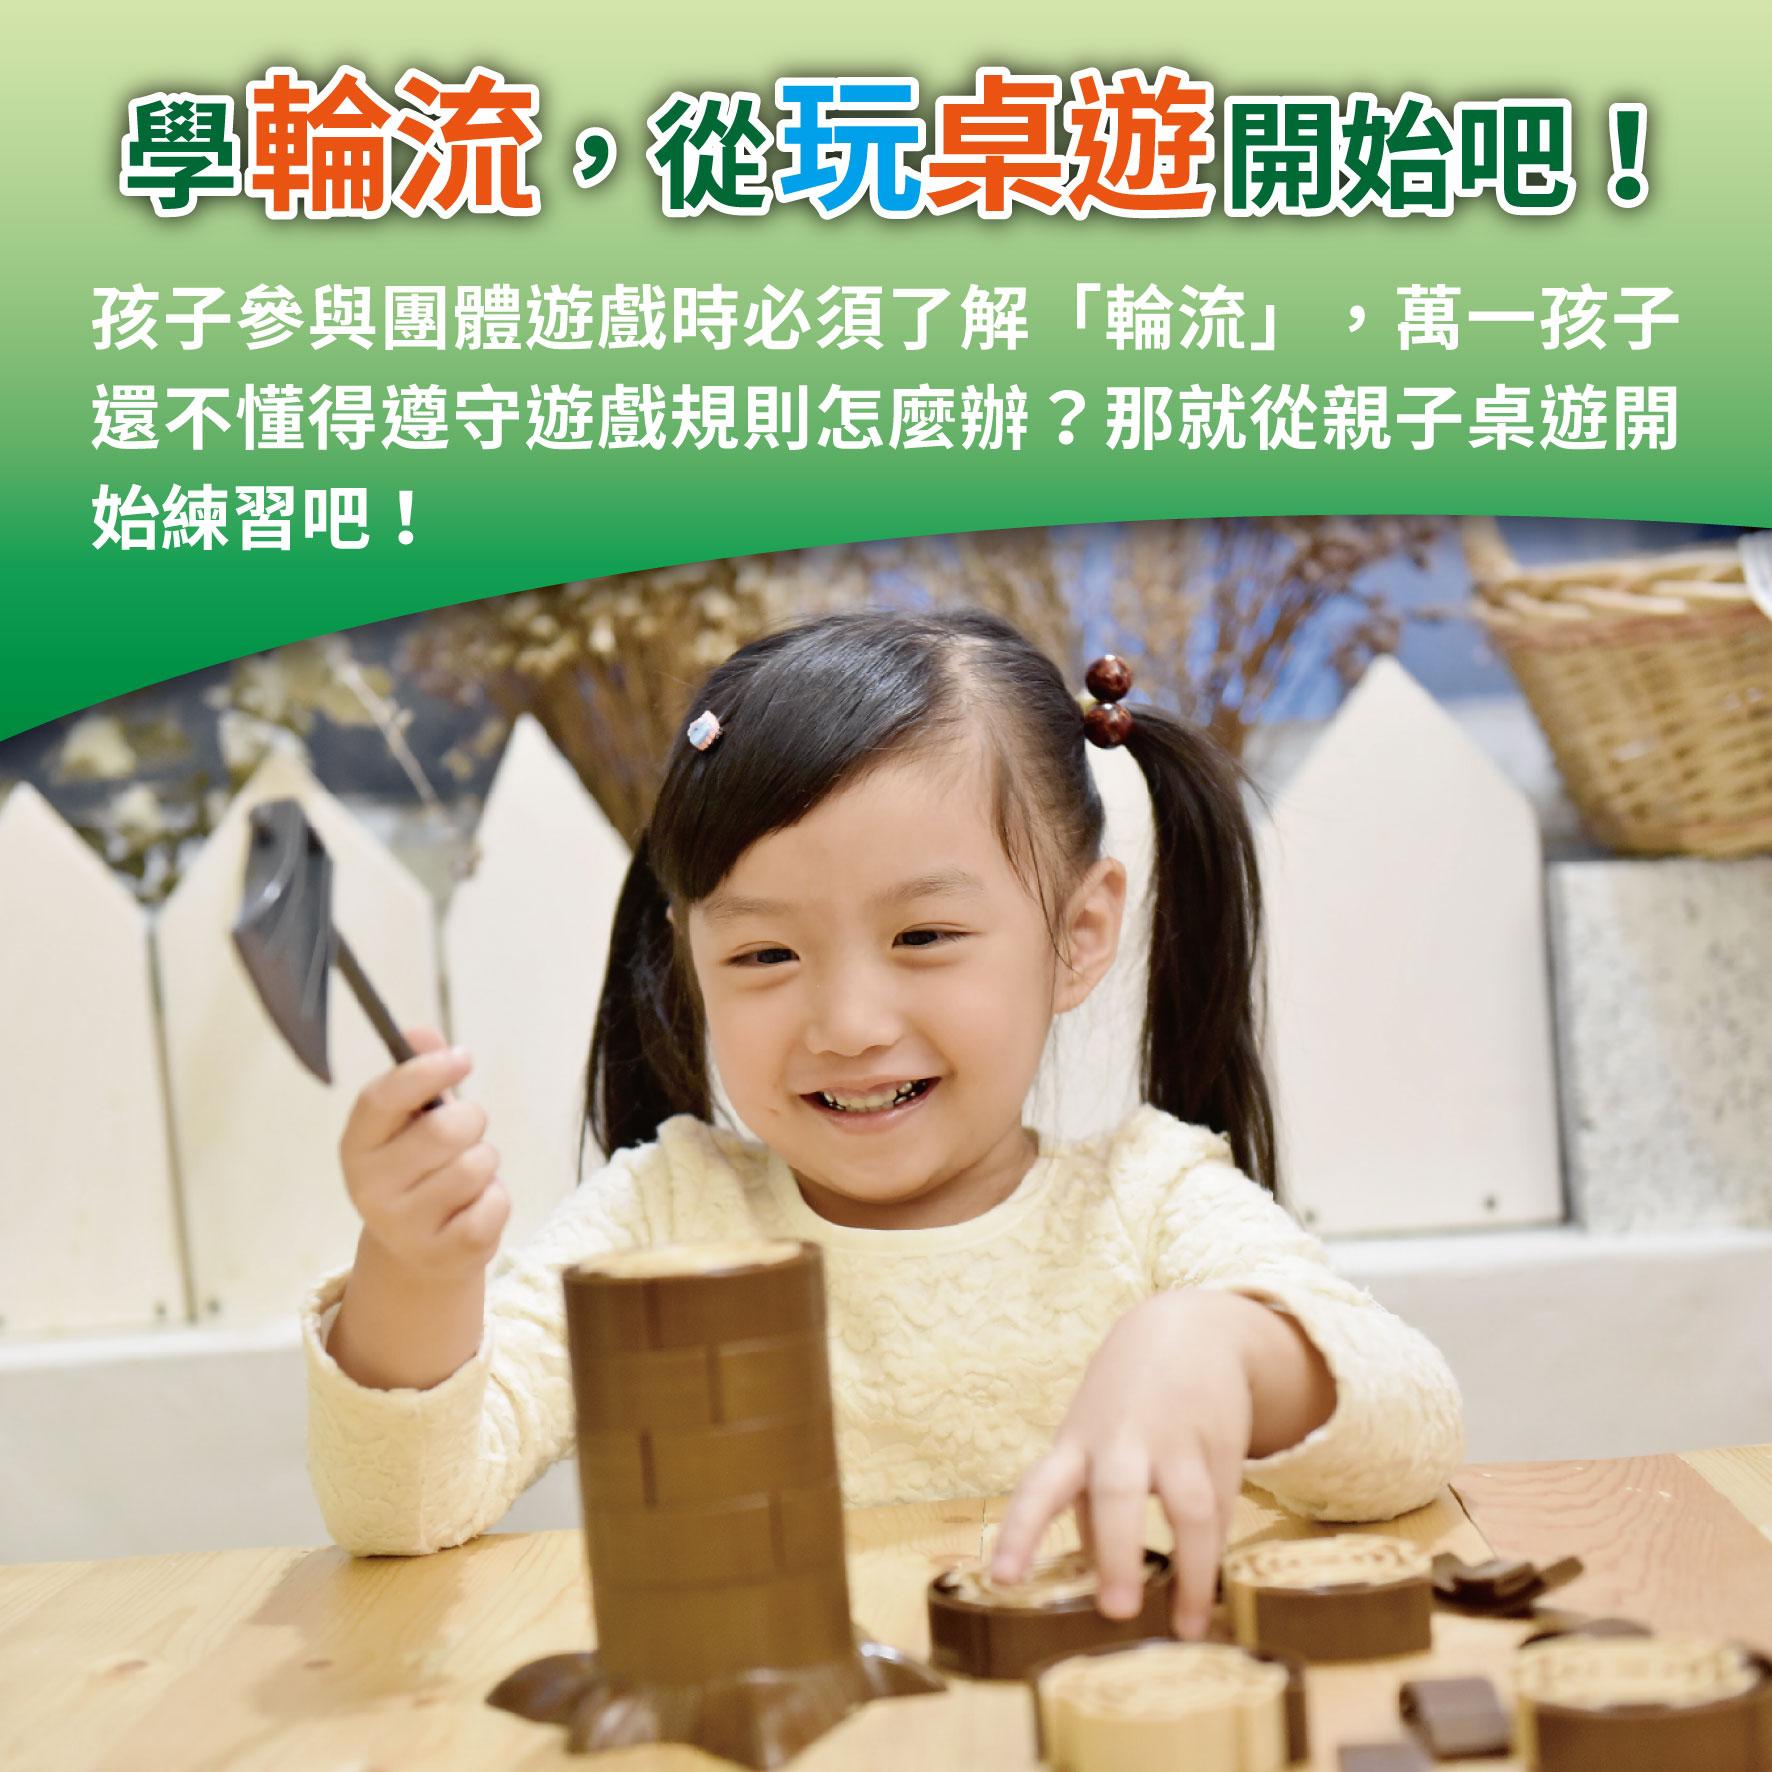 幼兒5歲(第16週)學輪流,從玩桌遊開始吧!